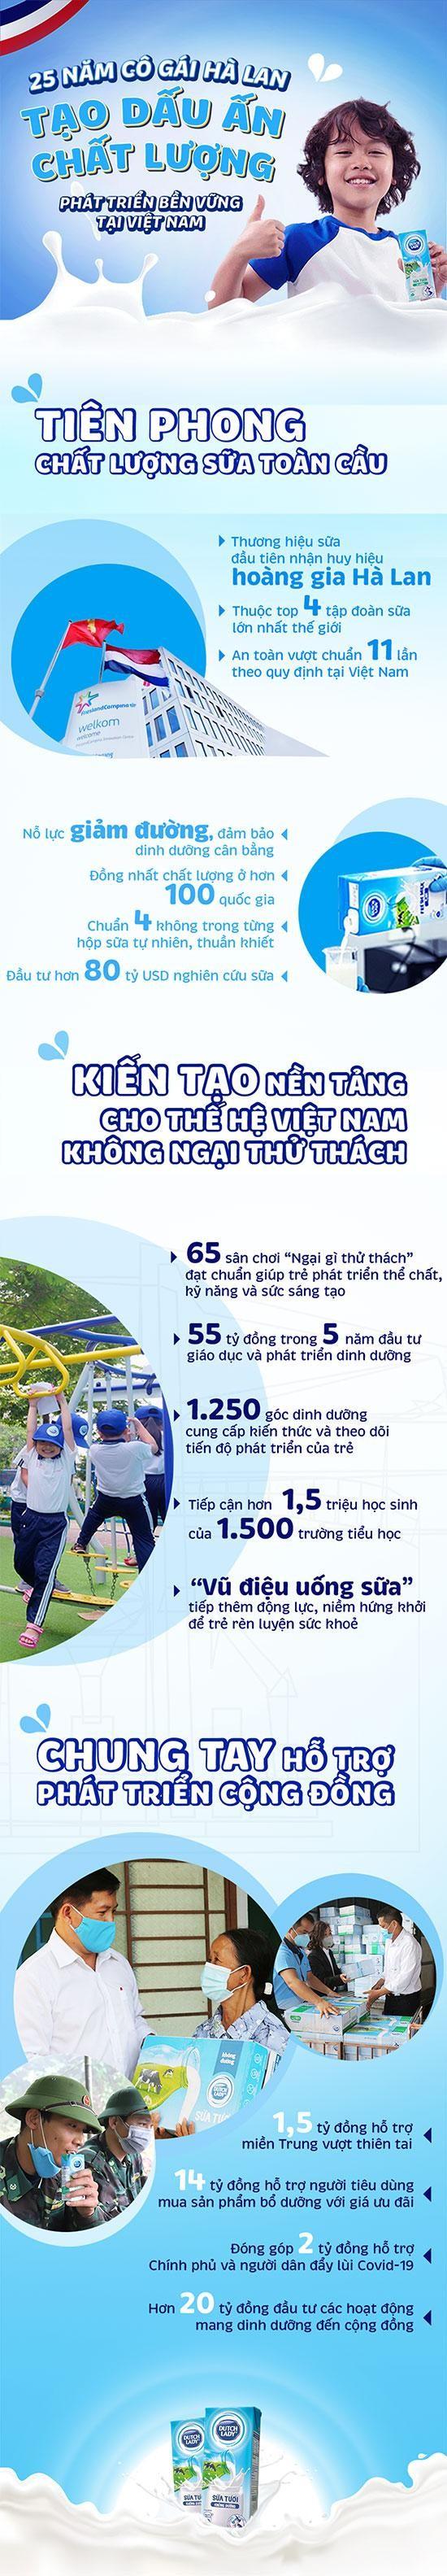 25 năm Cô Gái Hà Lan tạo dấu ấn chất lượng, phát triển bền vững tại Việt Nam ảnh 1